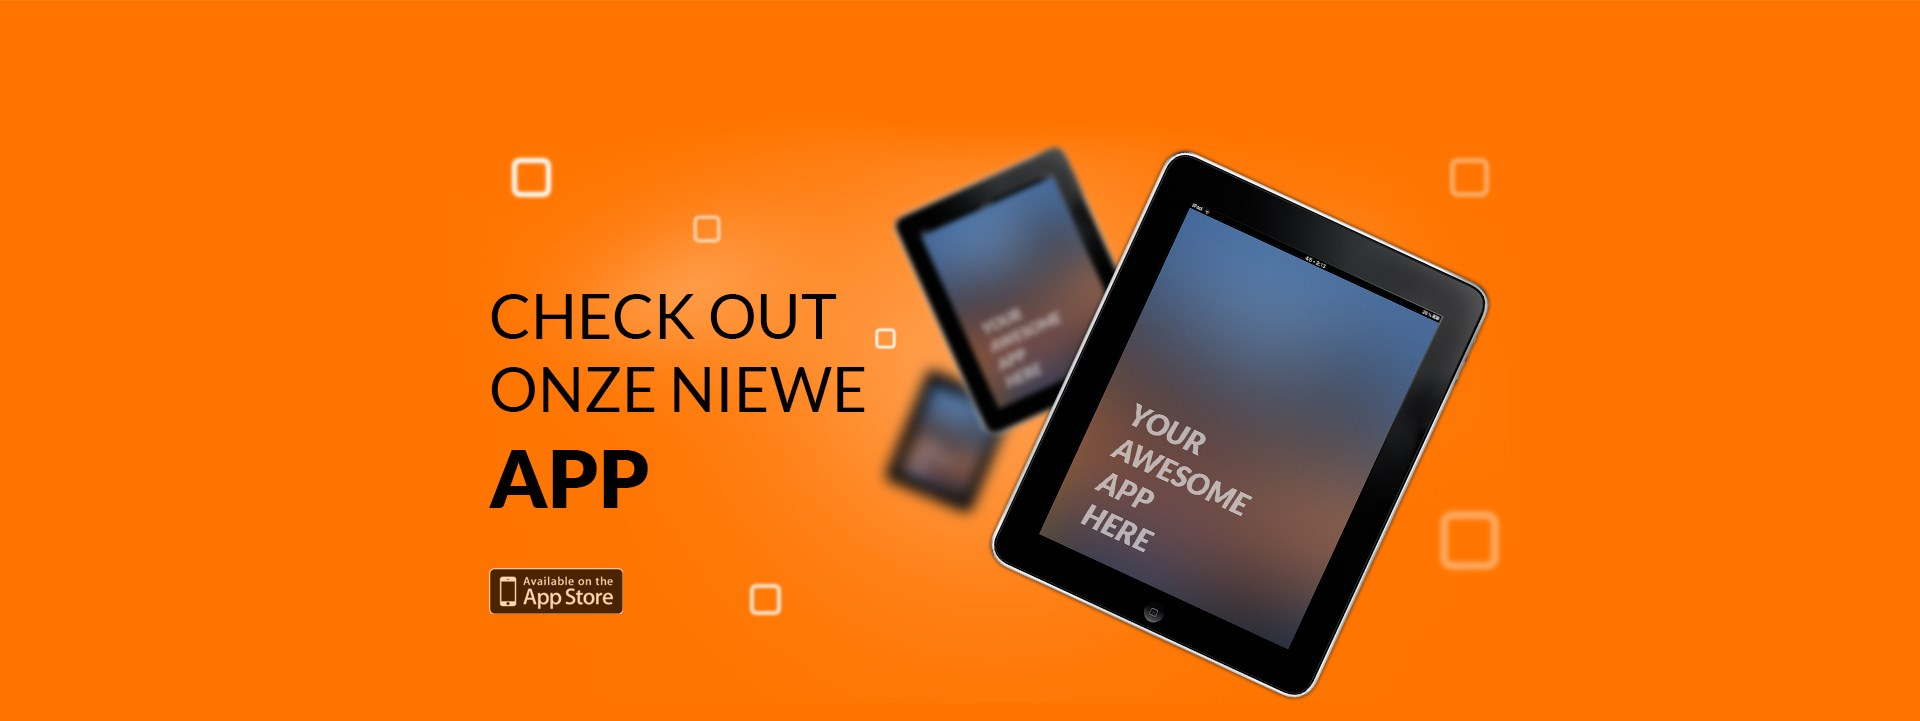 Website laten maken logo ontwerpen webshop laten maken for Badkamer ontwerpen app ipad